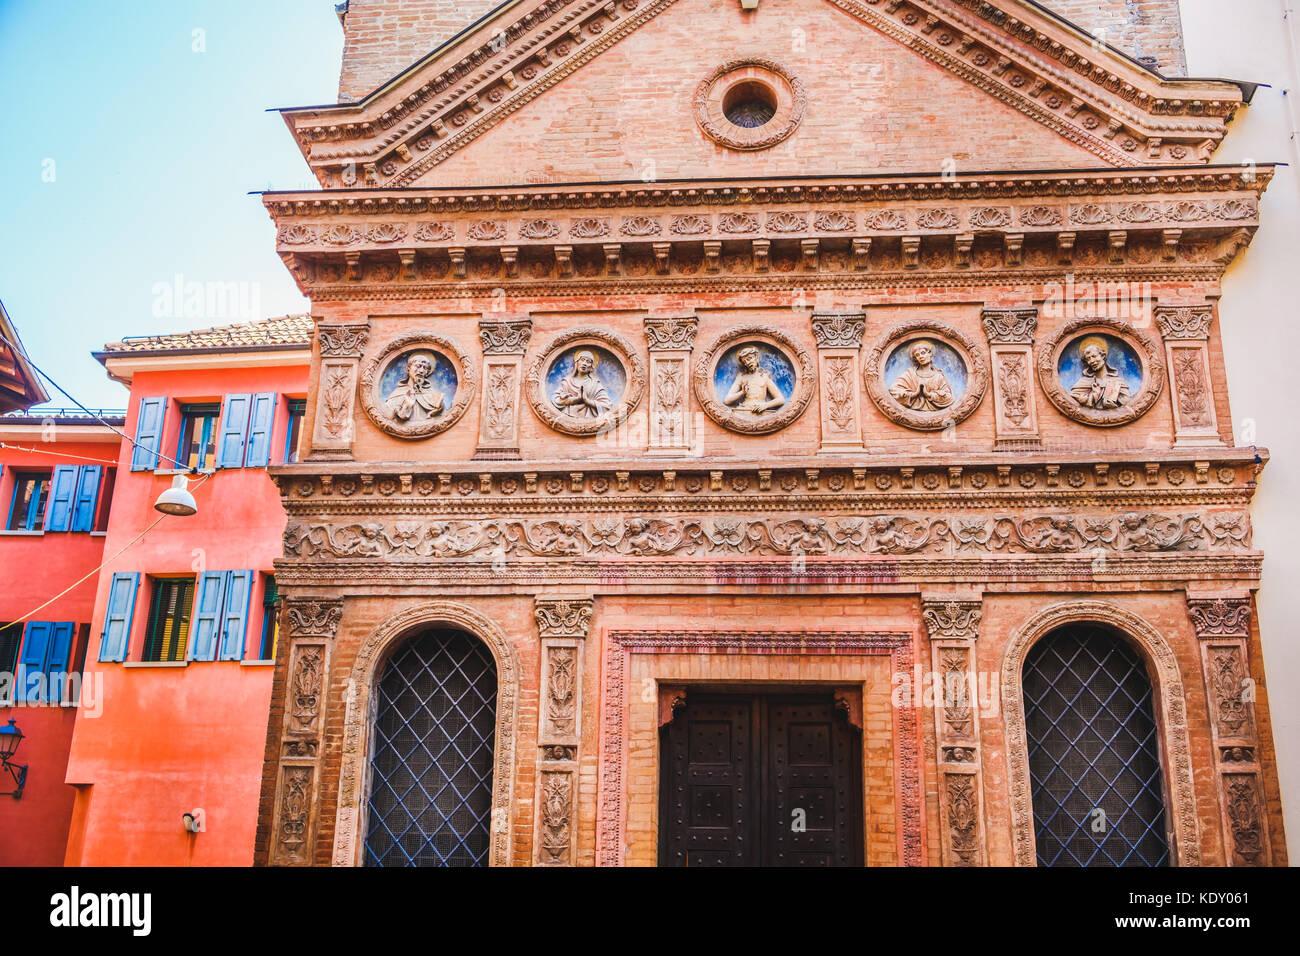 Oratorio Santo Spirito Bologna church facade - Emilia Romagna - Italy - Stock Image